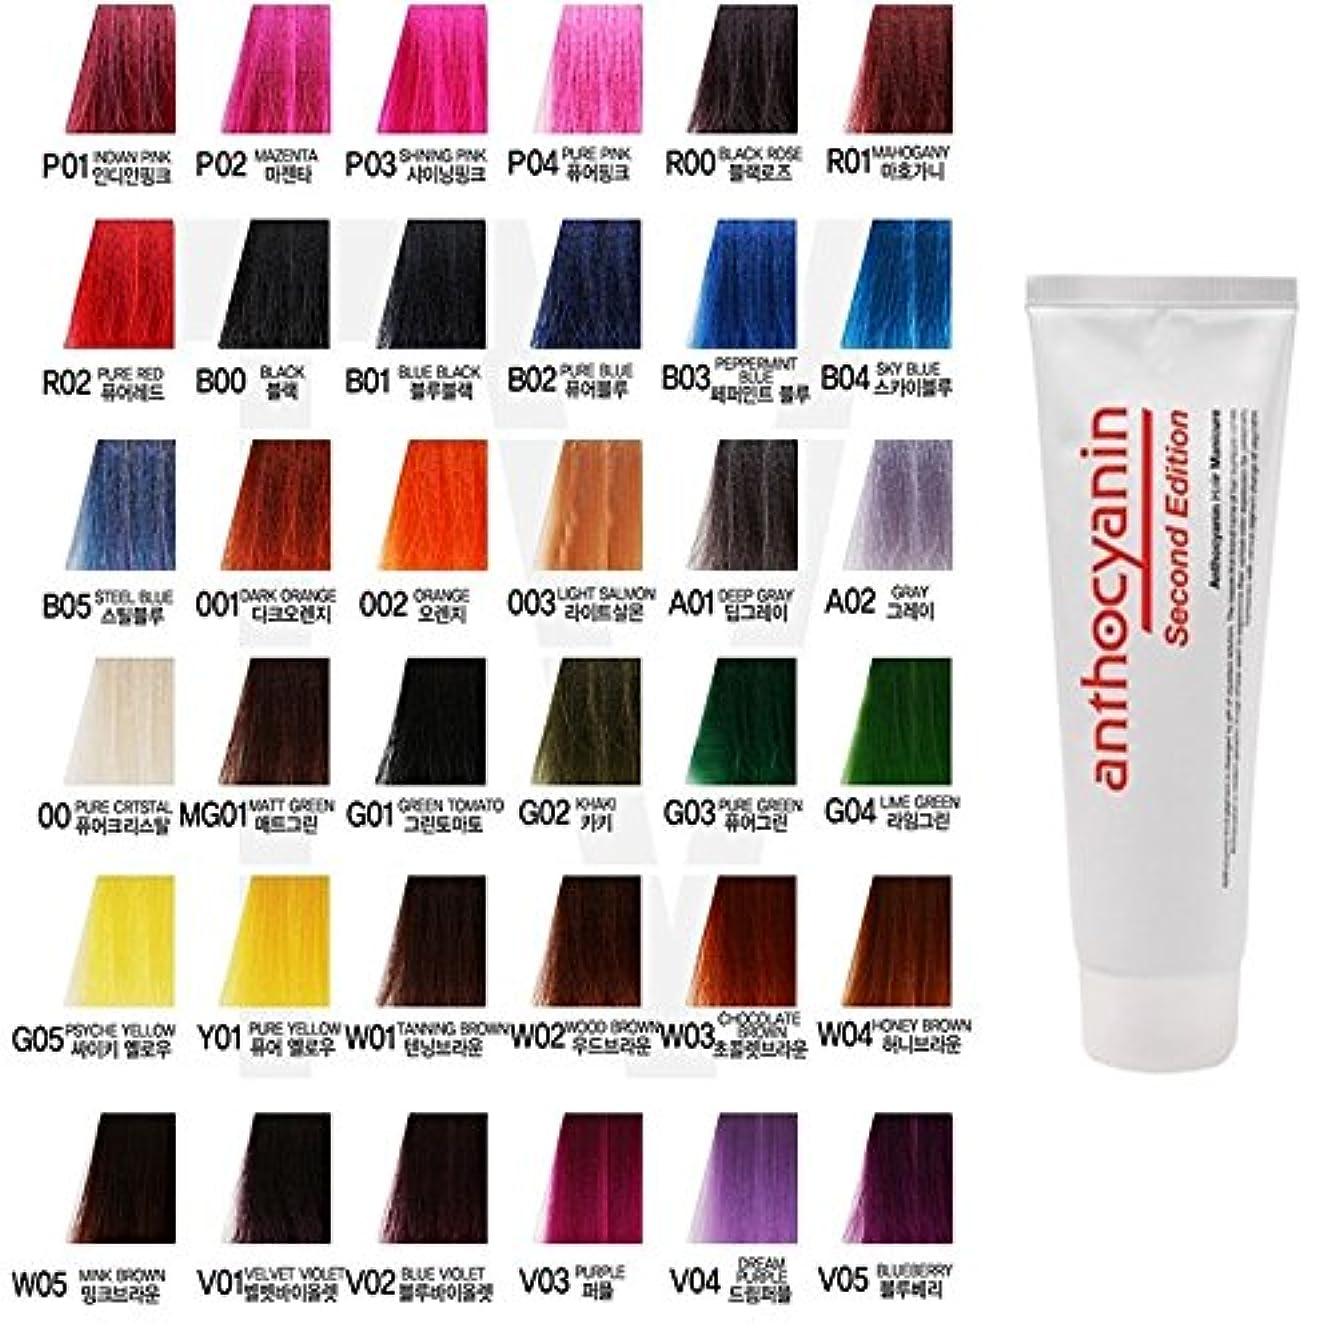 精査構想するタイムリーなヘア マニキュア カラー セカンド エディション 230g セミ パーマネント 染毛剤 ( Hair Manicure Color Second Edition 230g Semi Permanent Hair Dye) [並行輸入品] (004 Pure Crystal)